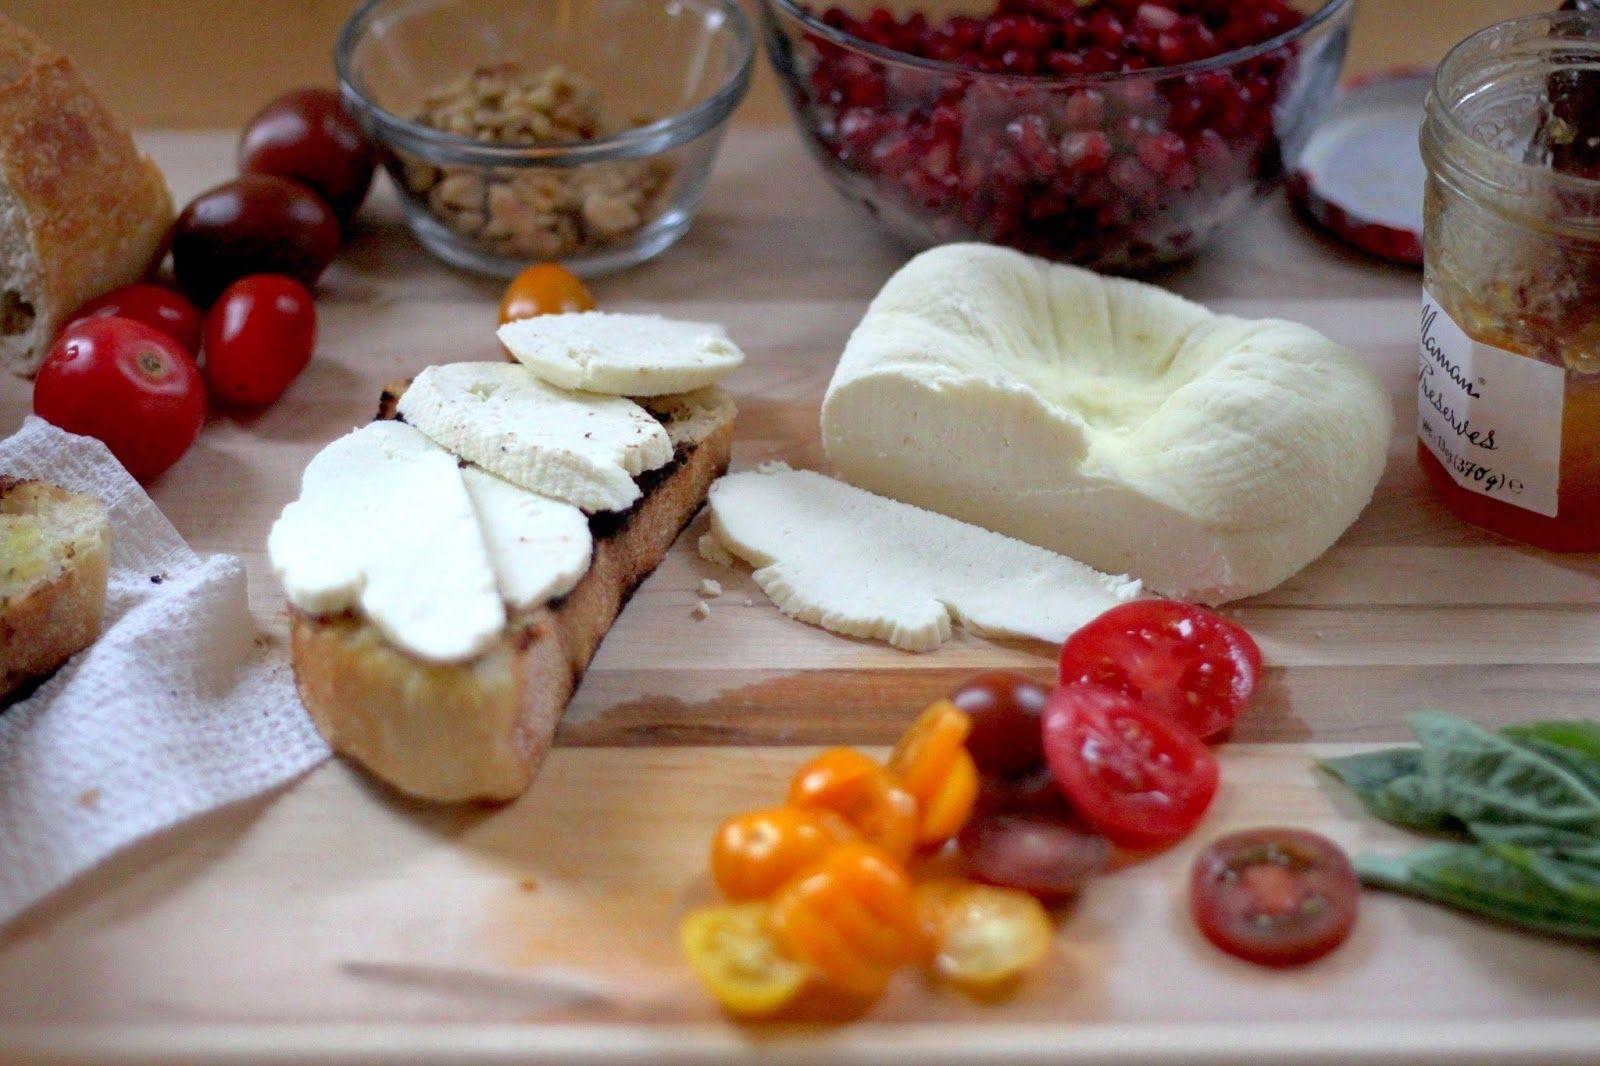 Jenessa's Dinners: Fresh Cheese and Tartines